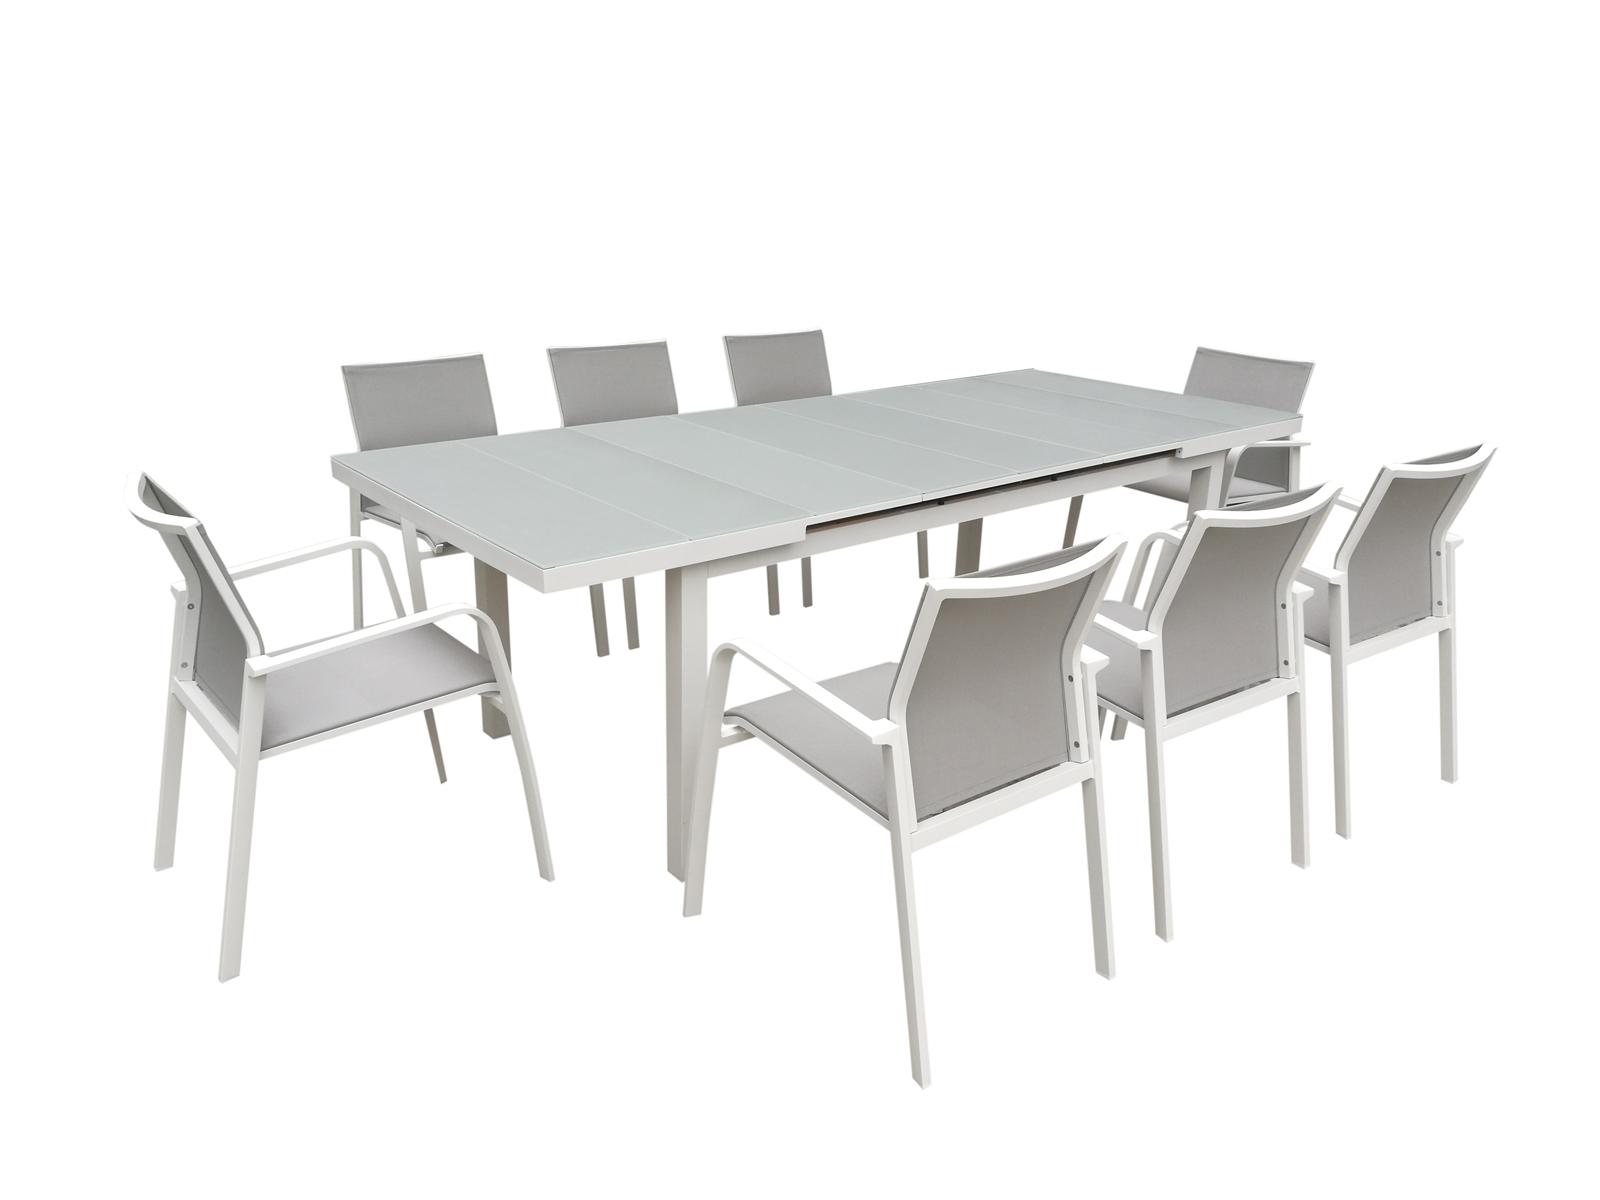 Table De Jardin Extensible Nice 180/240Cm En Aluminium Blanc Gris Et  Plateau Verre Blanc Gris encequiconcerne Table De Jardin Extensible